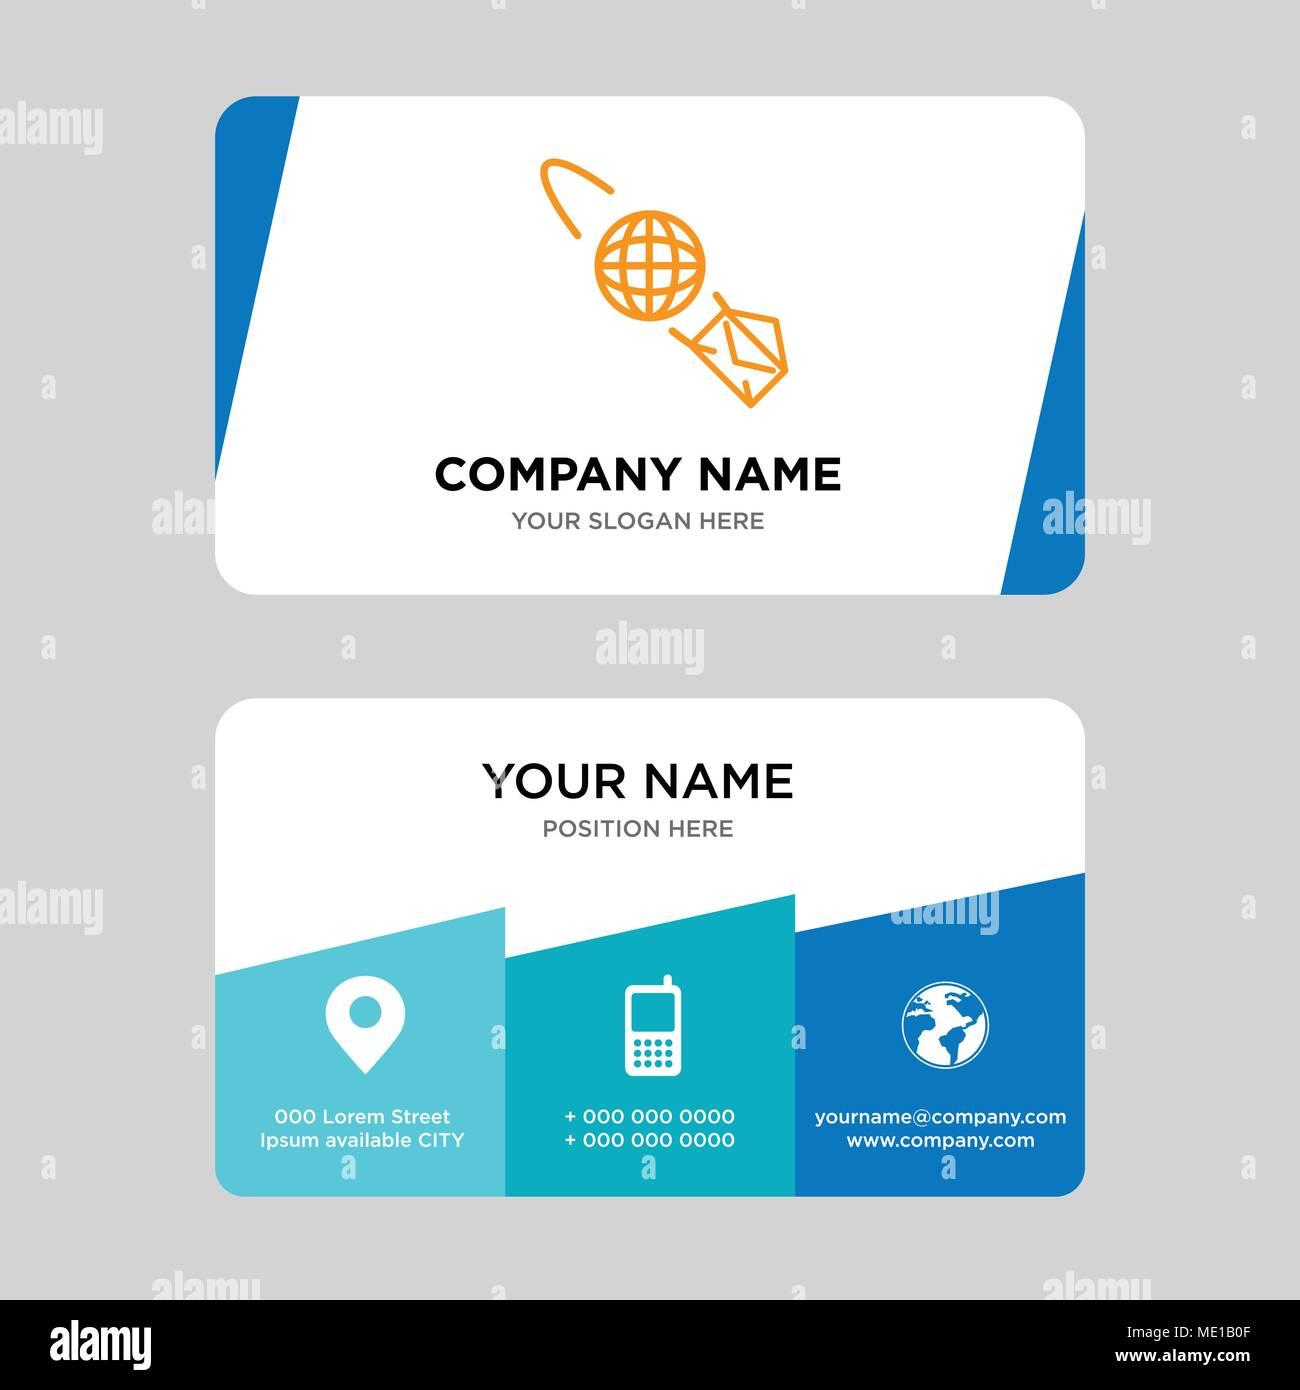 Plante E Mail Carte De Visite Modle Conception Pour Votre Entreprise Crative Et Moderne Didentit Propre Vector Illustration